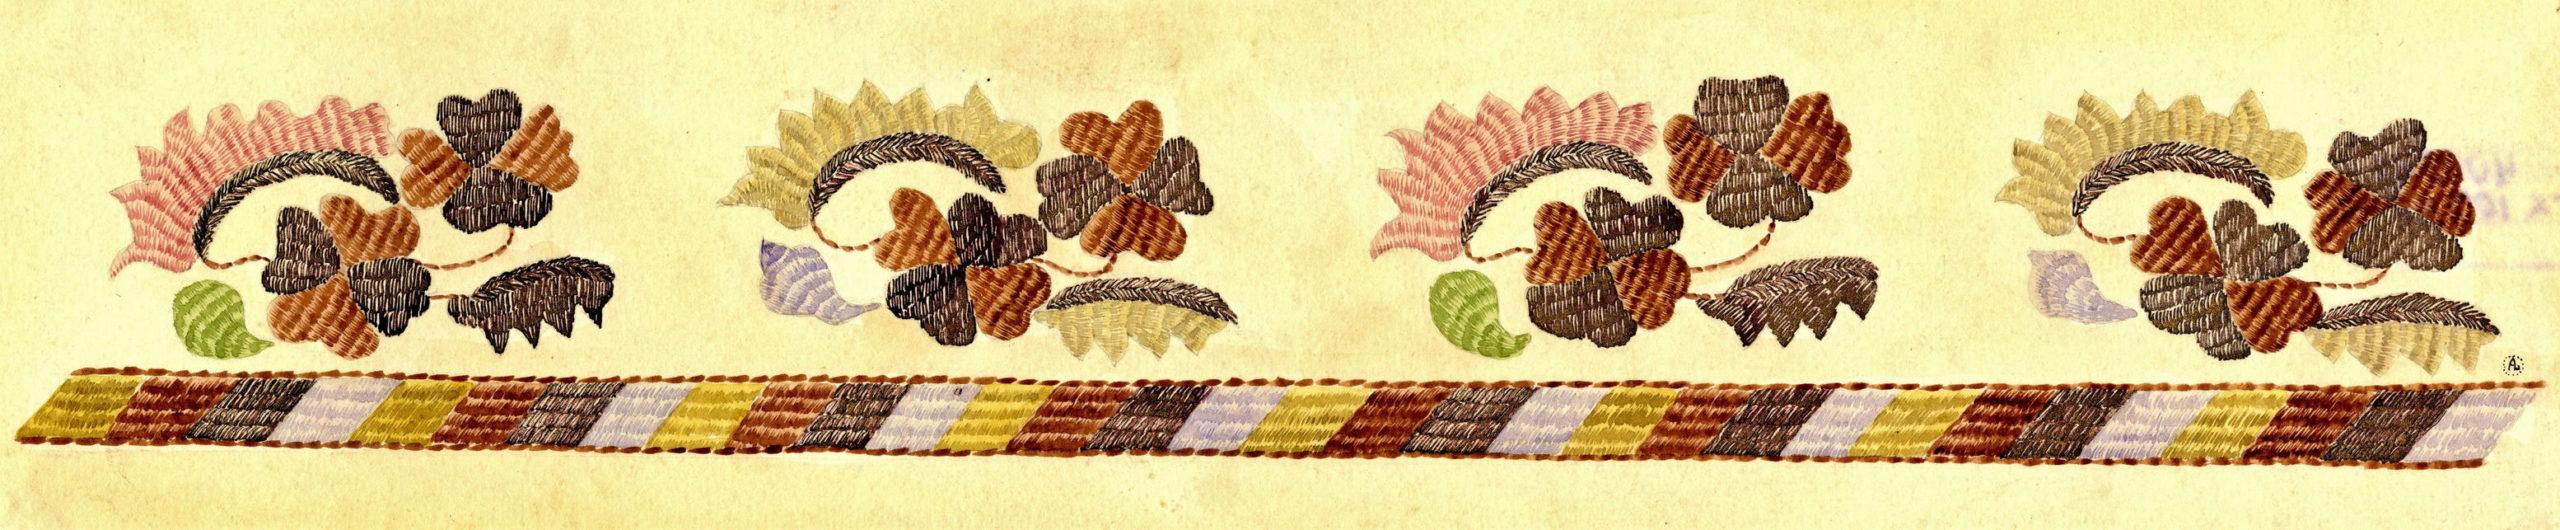 А.А. Сакс (де Ленс). Узор вышивки на полотенце